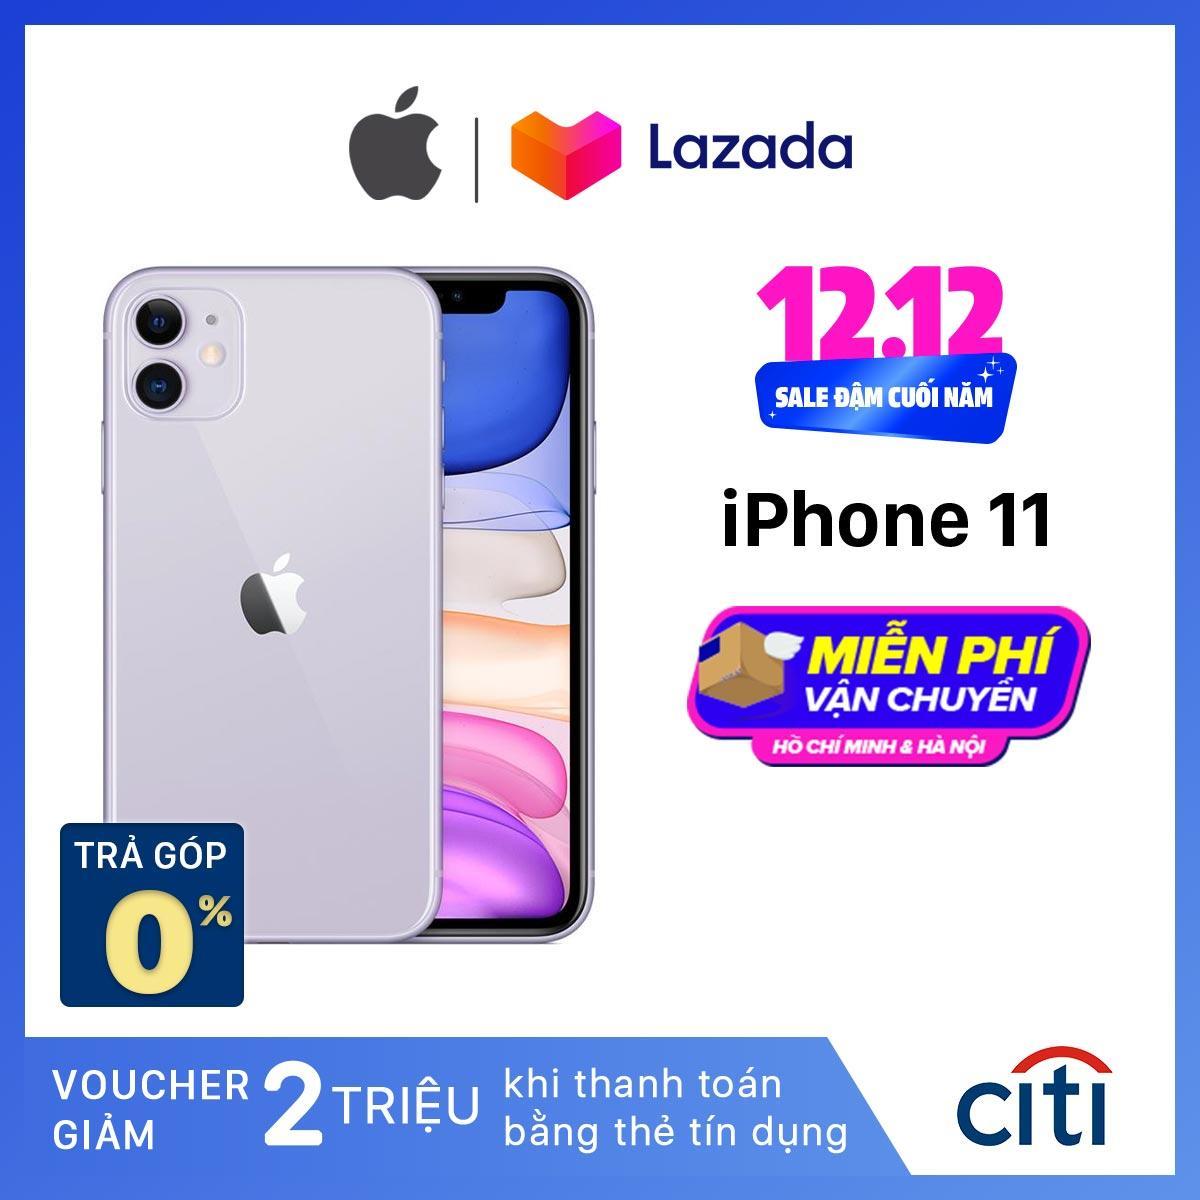 Điện Thoại Apple IPhone 11 - Hàng Chính Hãng VN/A - Màn Hình Liquid Retina HD 6.1inch Face ID Chống Nước Chip A13 2 Camera Giá Cực Cool